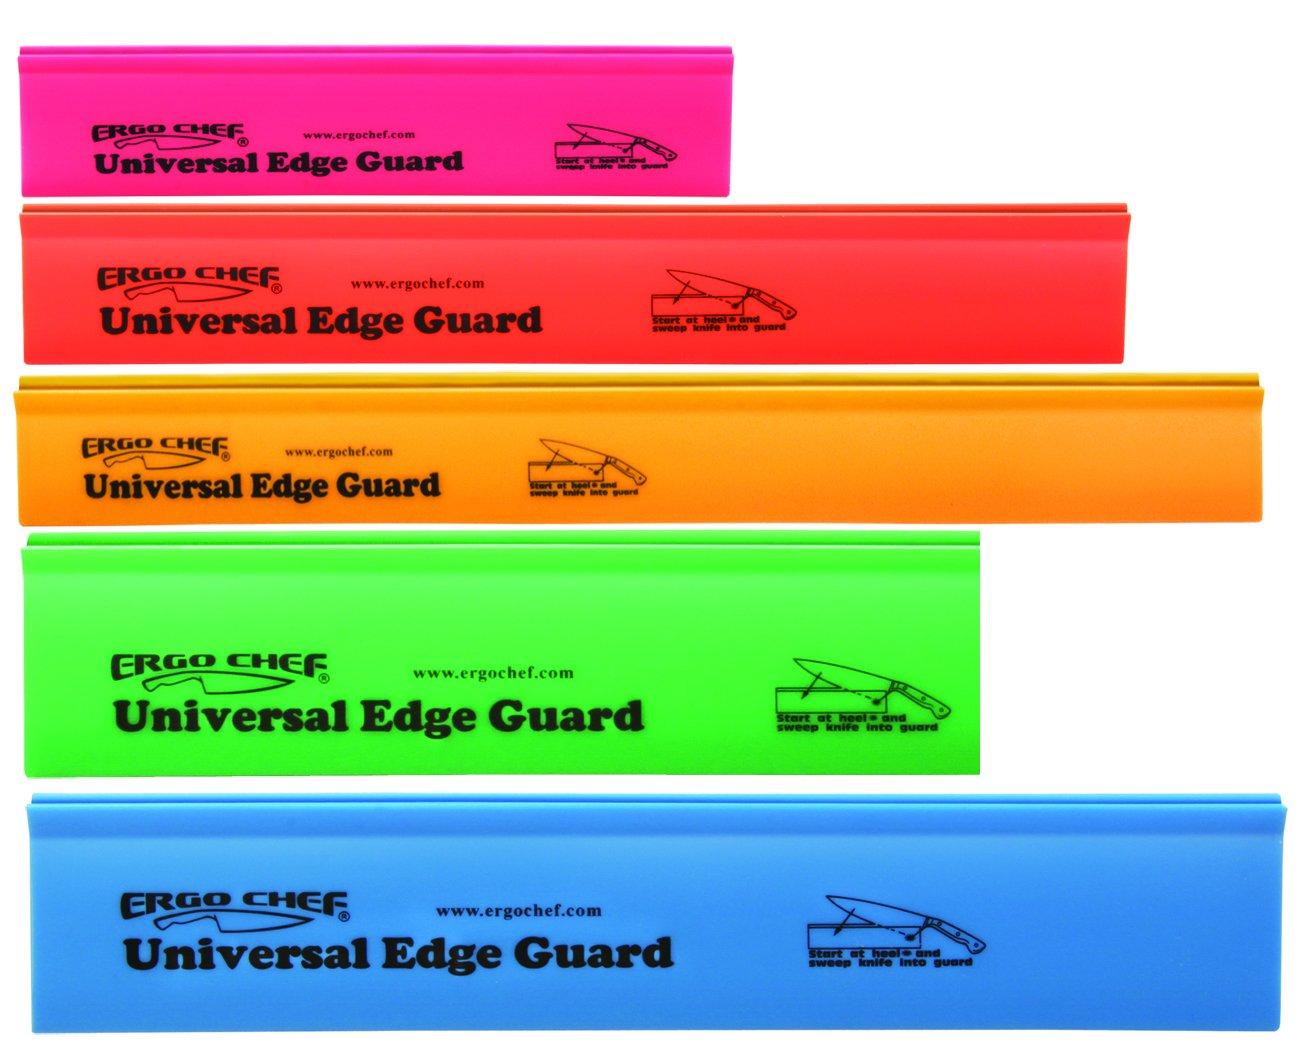 Ergo Chef ER83 Universal Edge Set Knife Guard, Multicolored by Ergo Chef